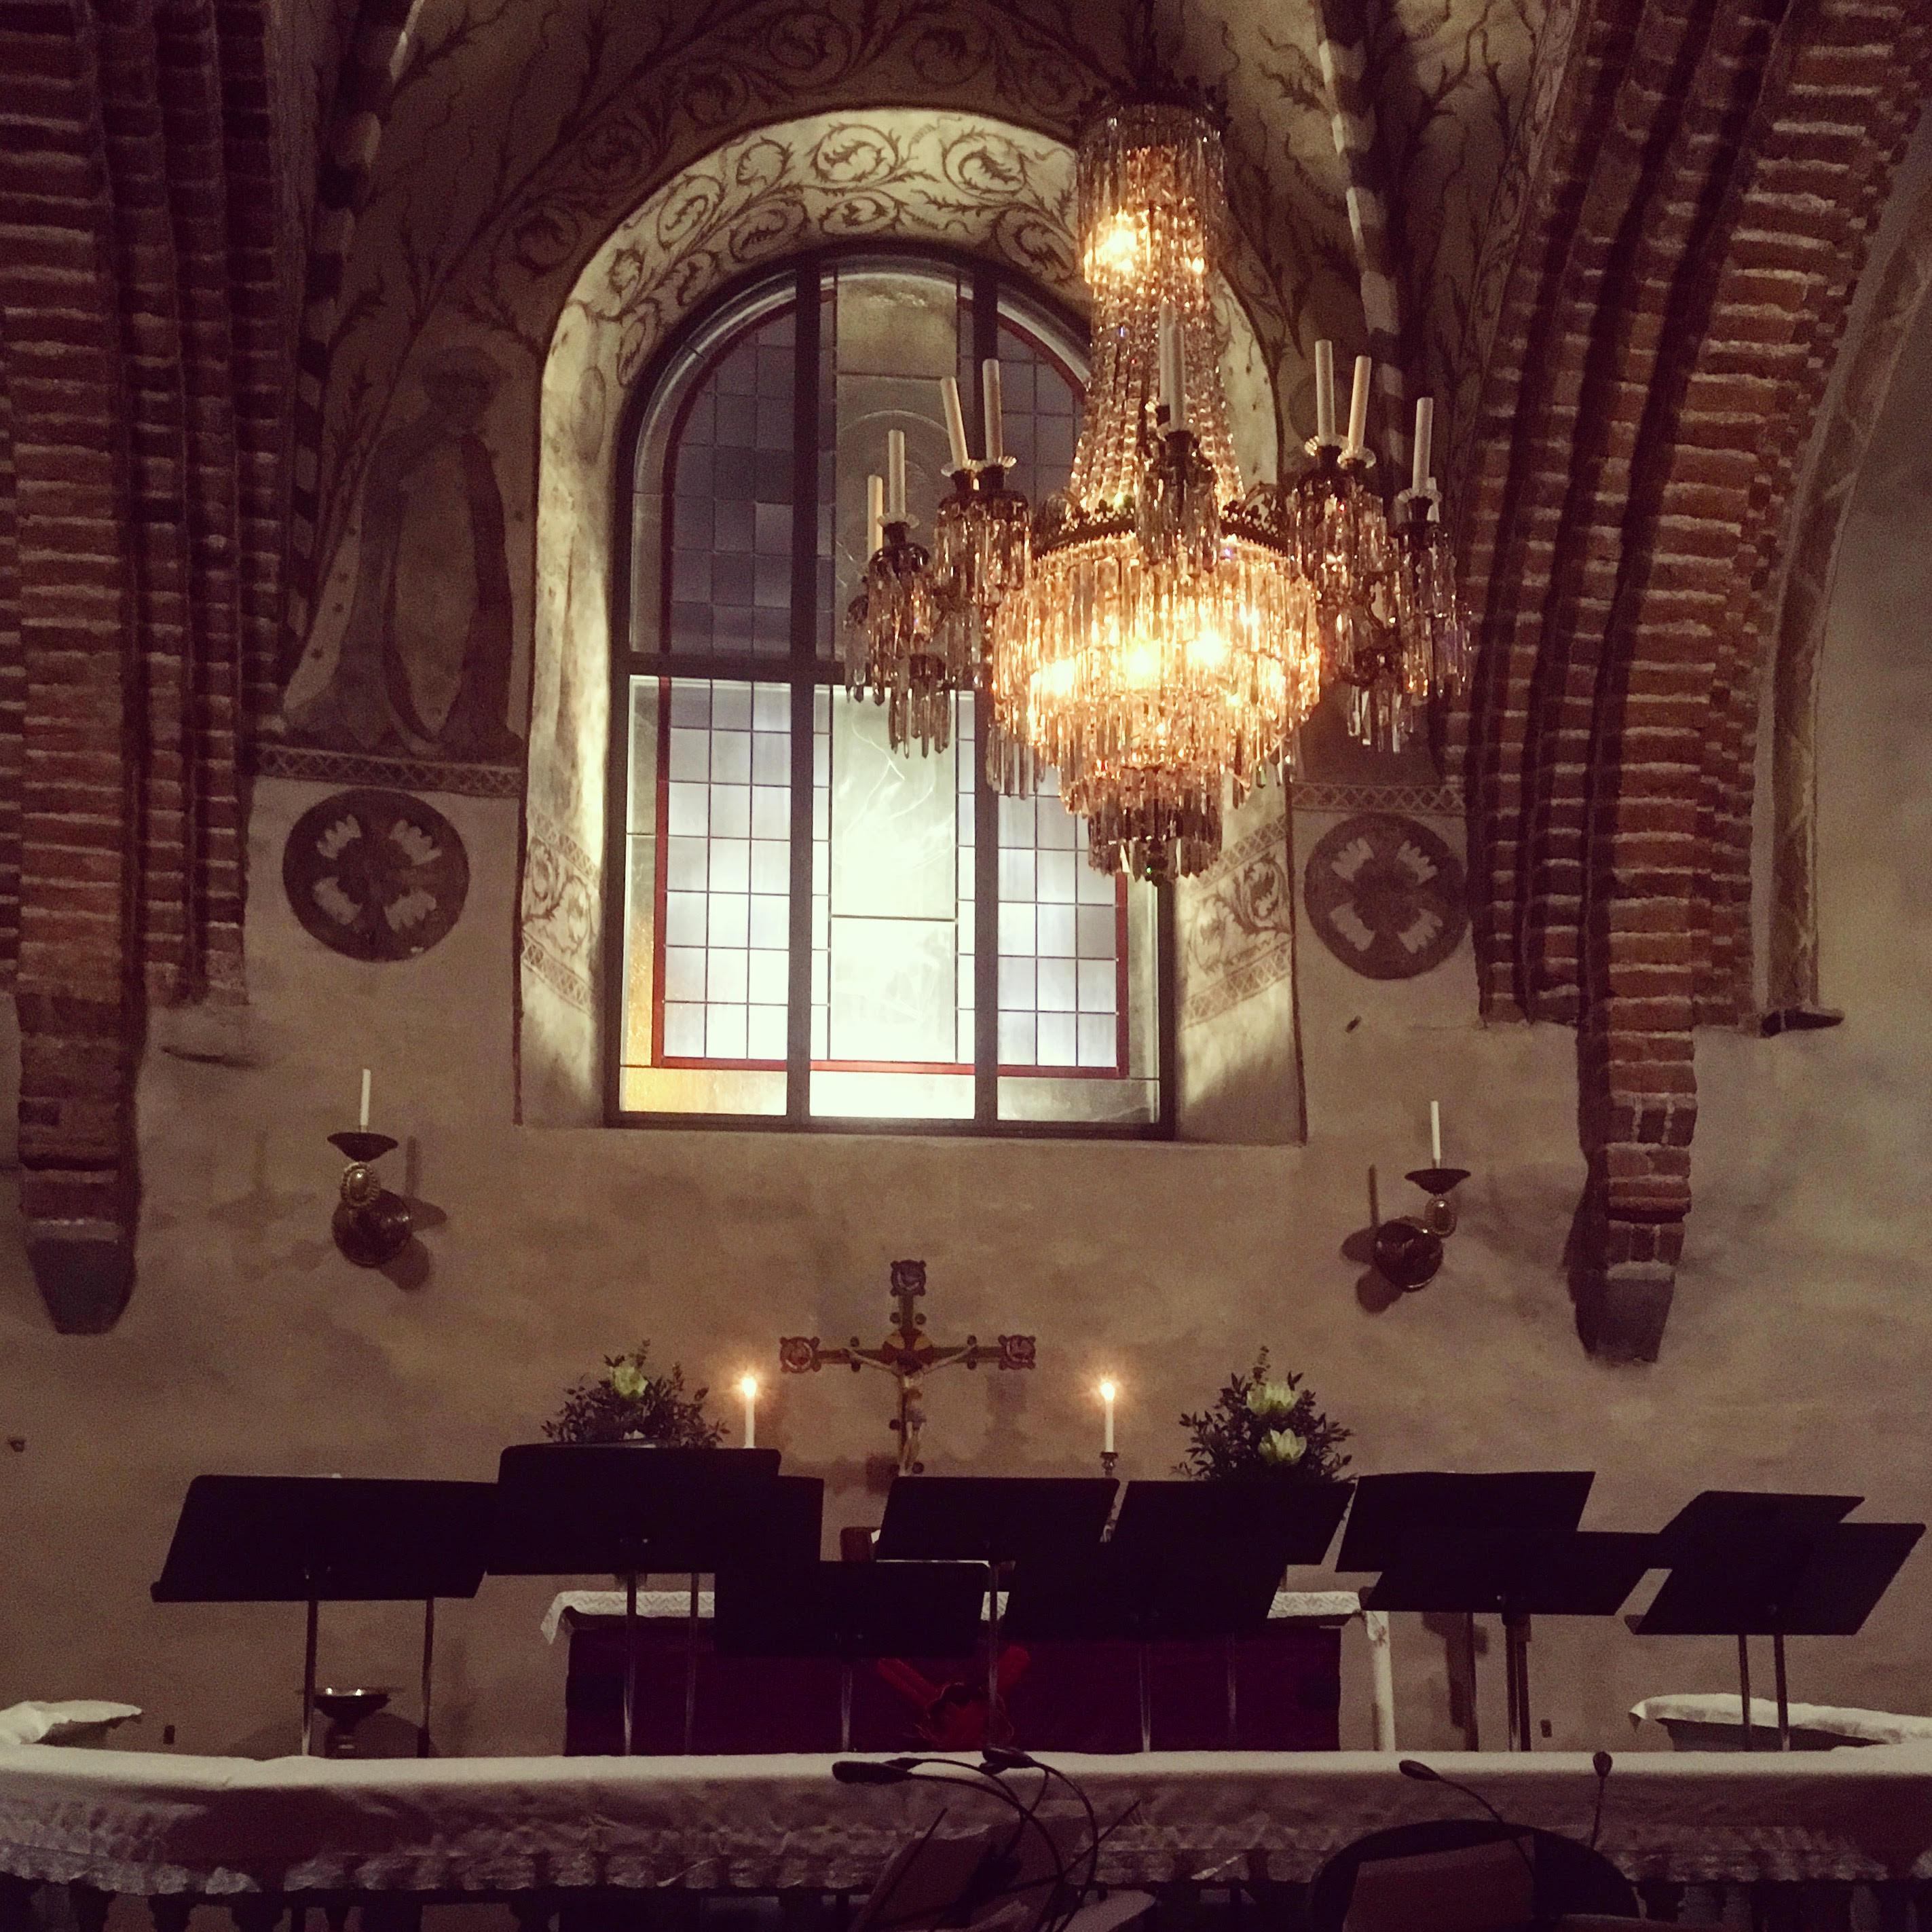 joulukonsertti-kirkossa